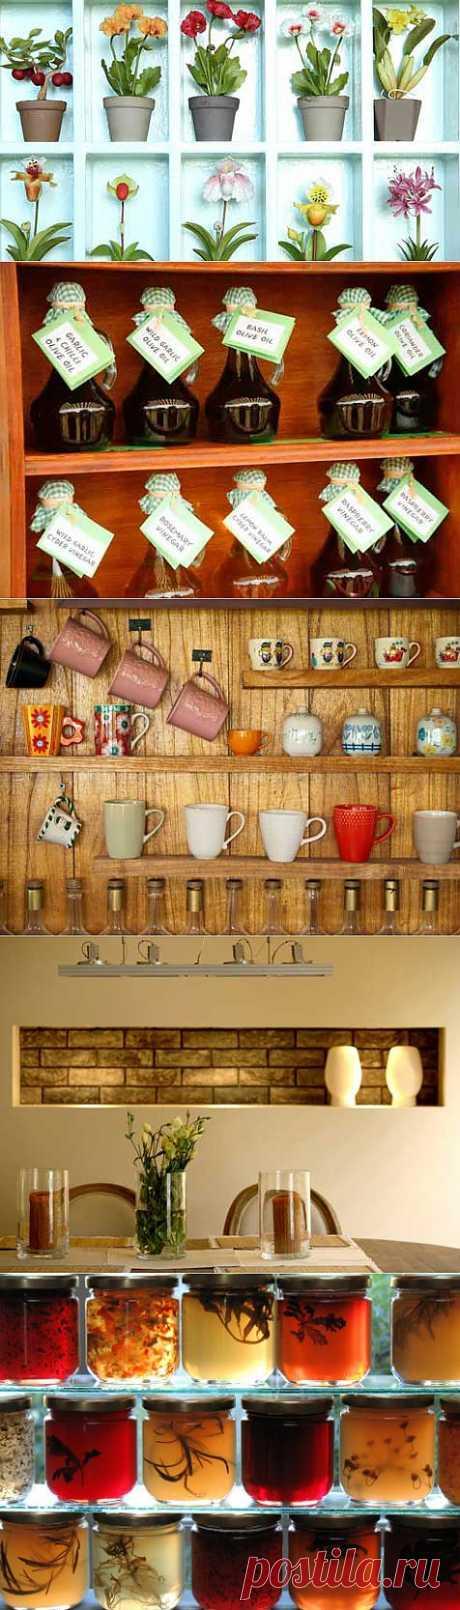 Настенные полки в кухне: место для хранения или украшение? | Благоустройство дома